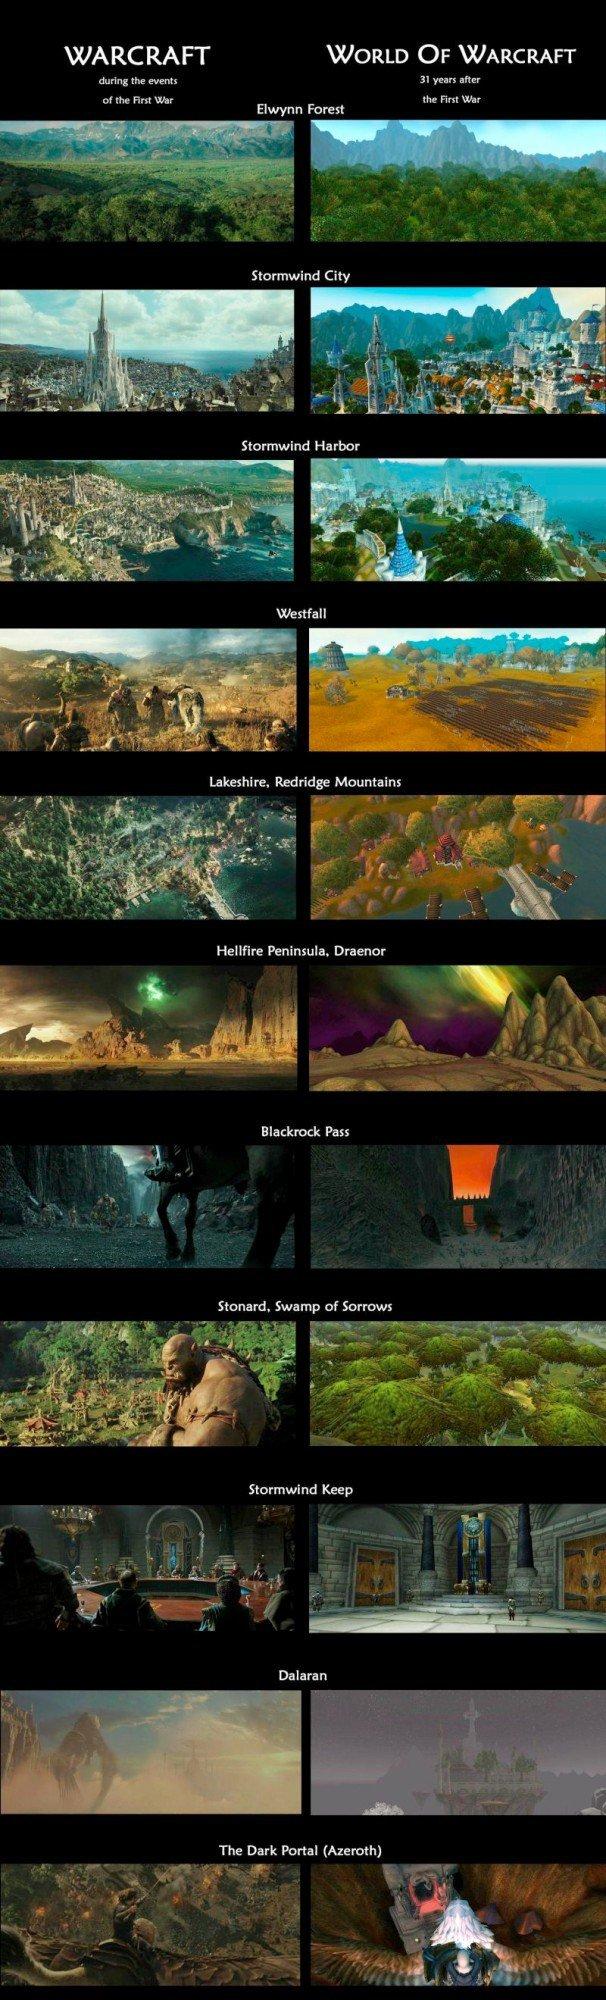 История мира Warcraft - Изображение 10